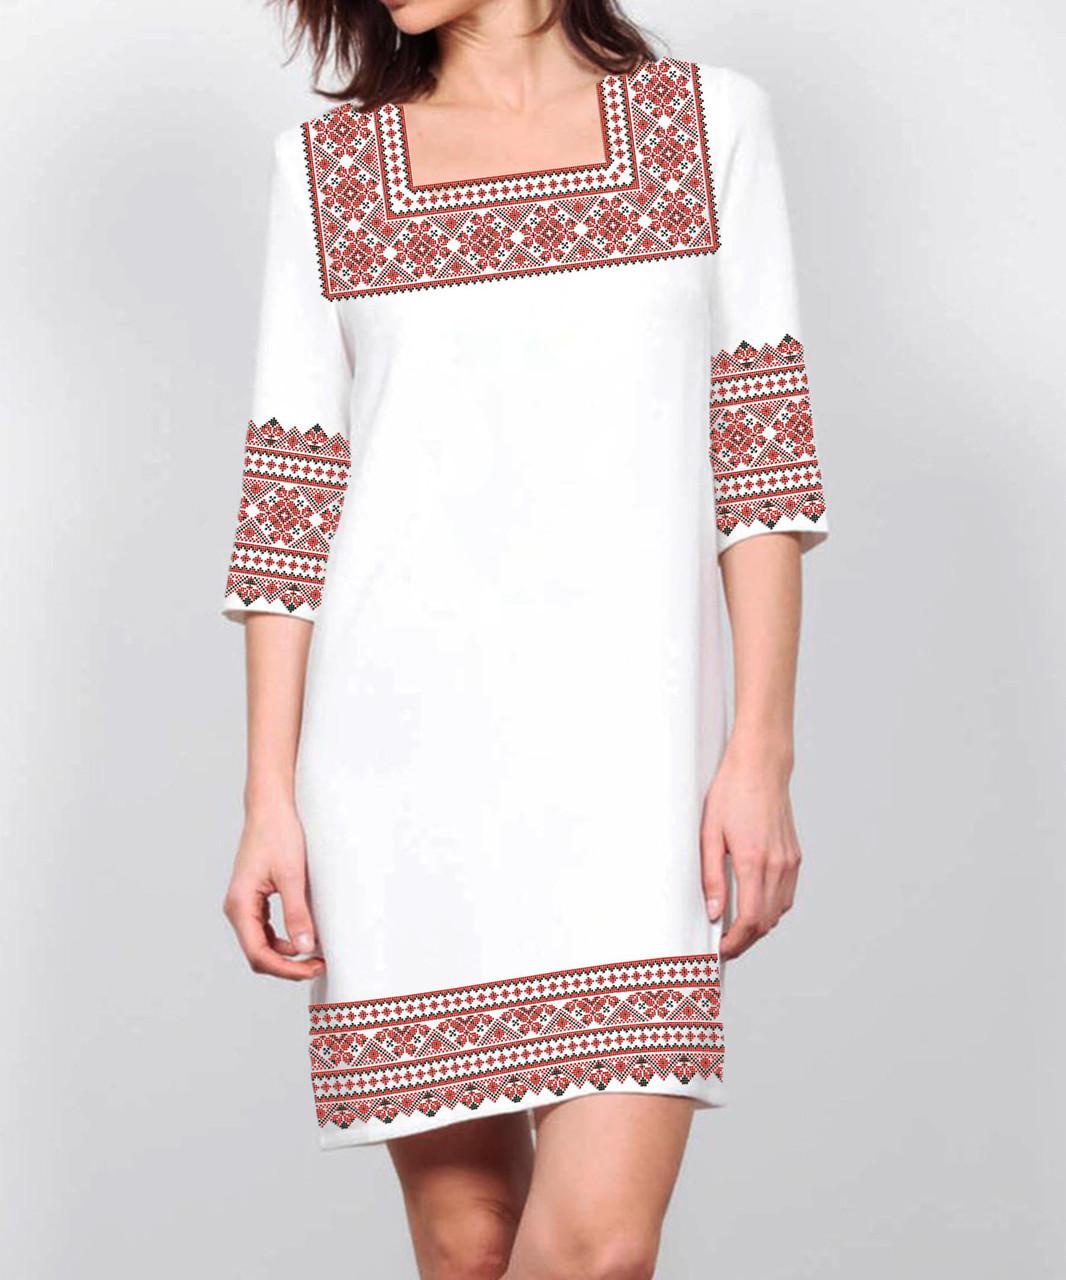 Заготовка женского платья для вышивки / вышивания бисером / ниткой «Червоний орнамент 82»